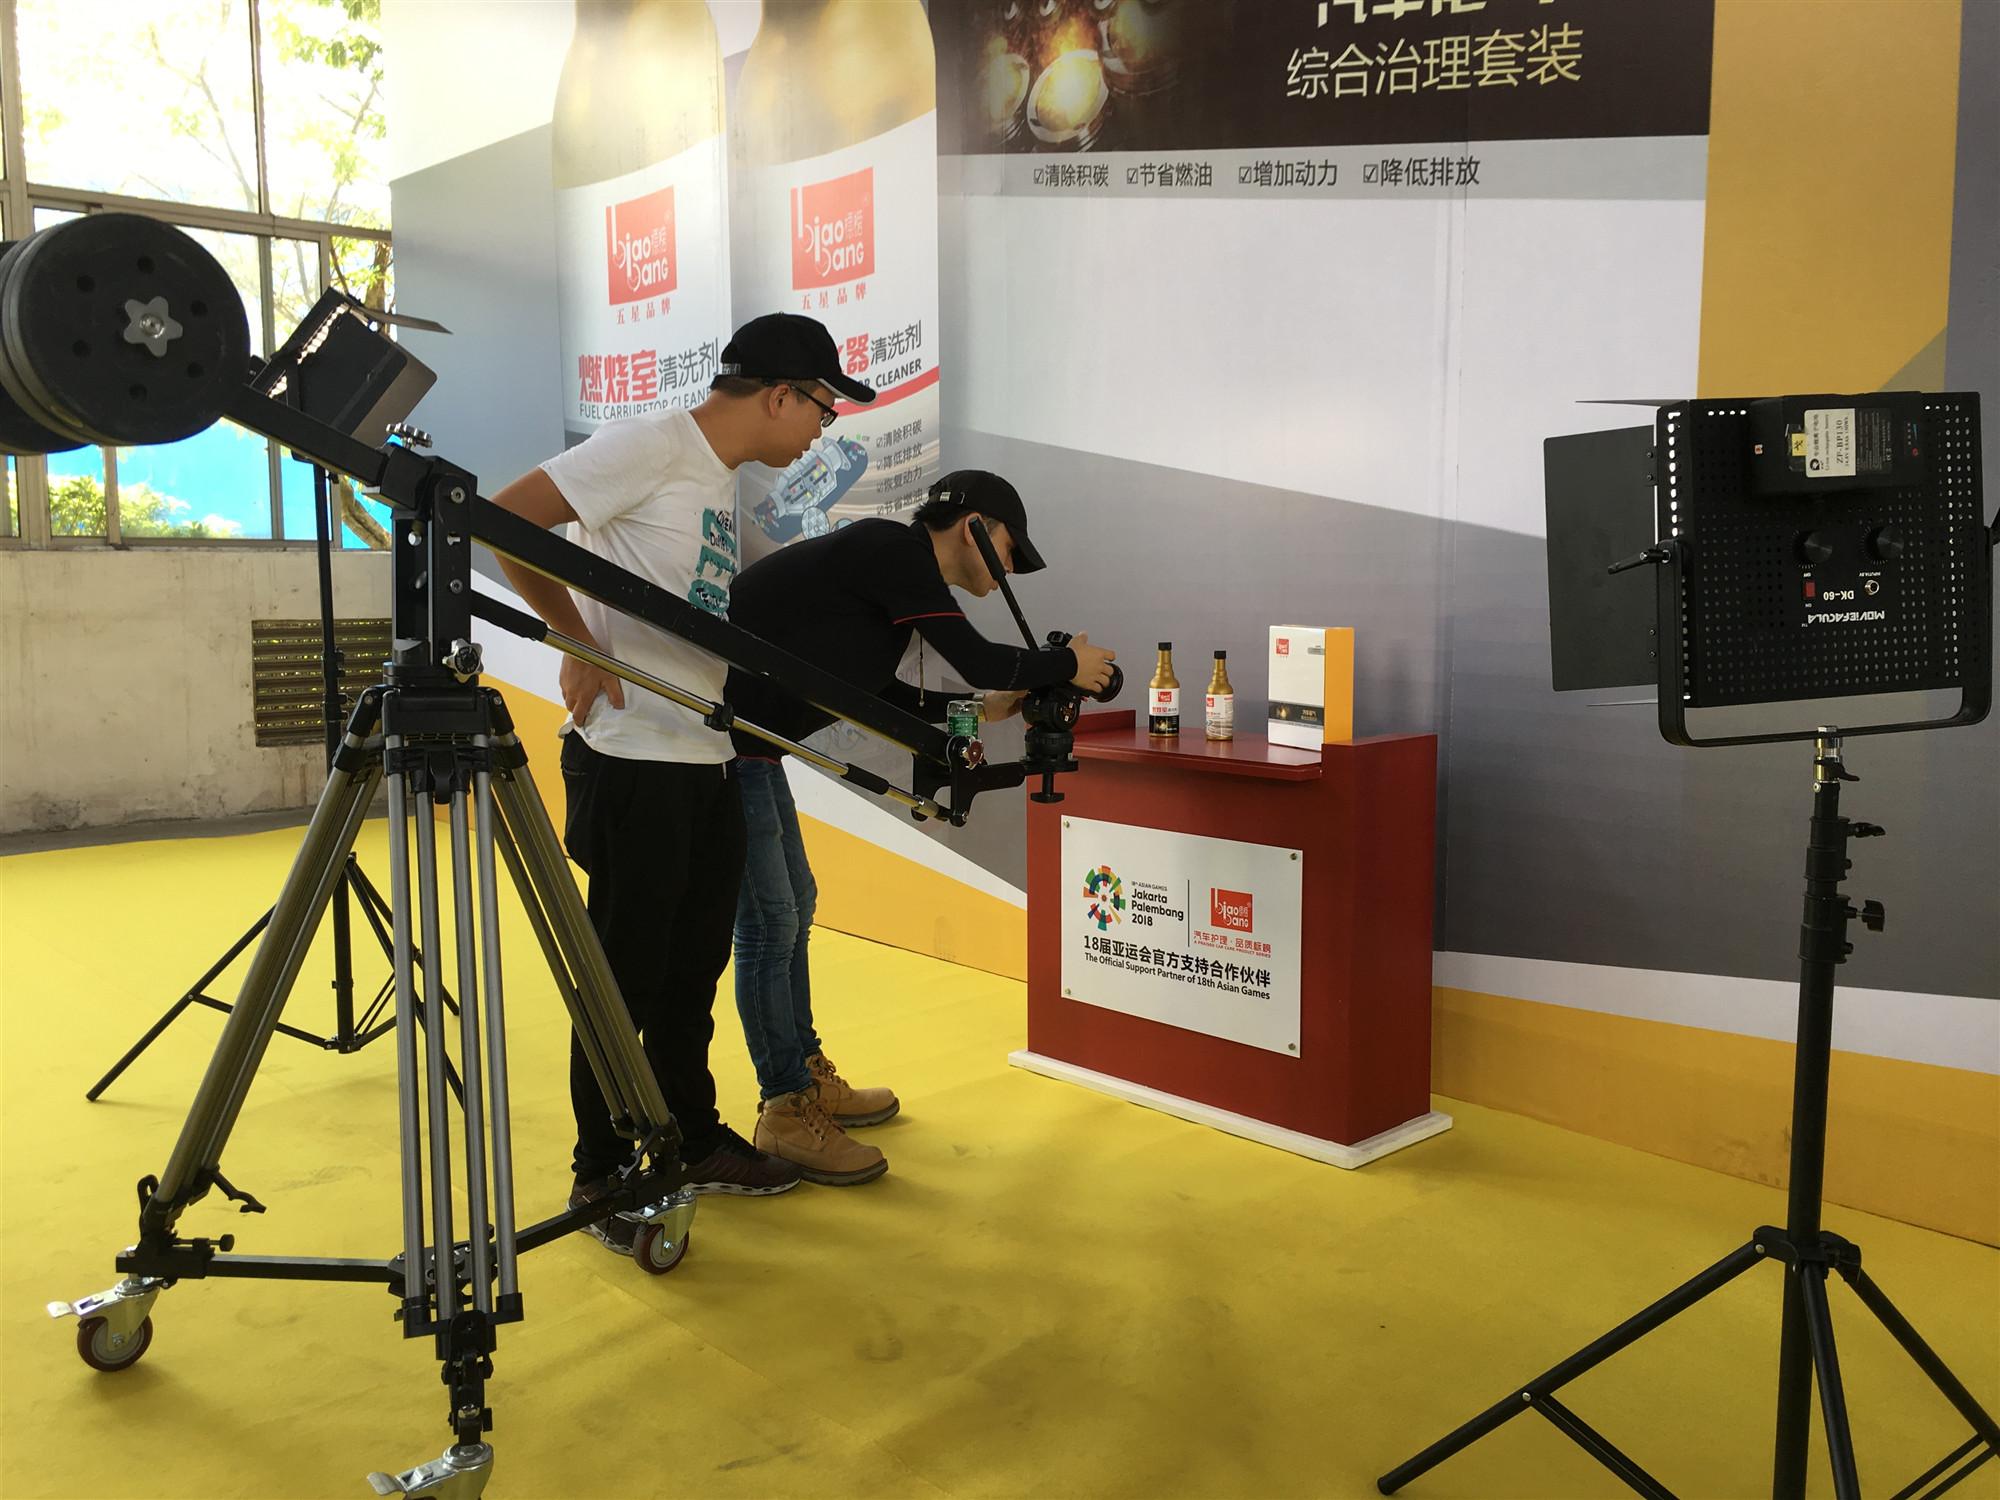 影響廣州三維動畫制作的五大因素